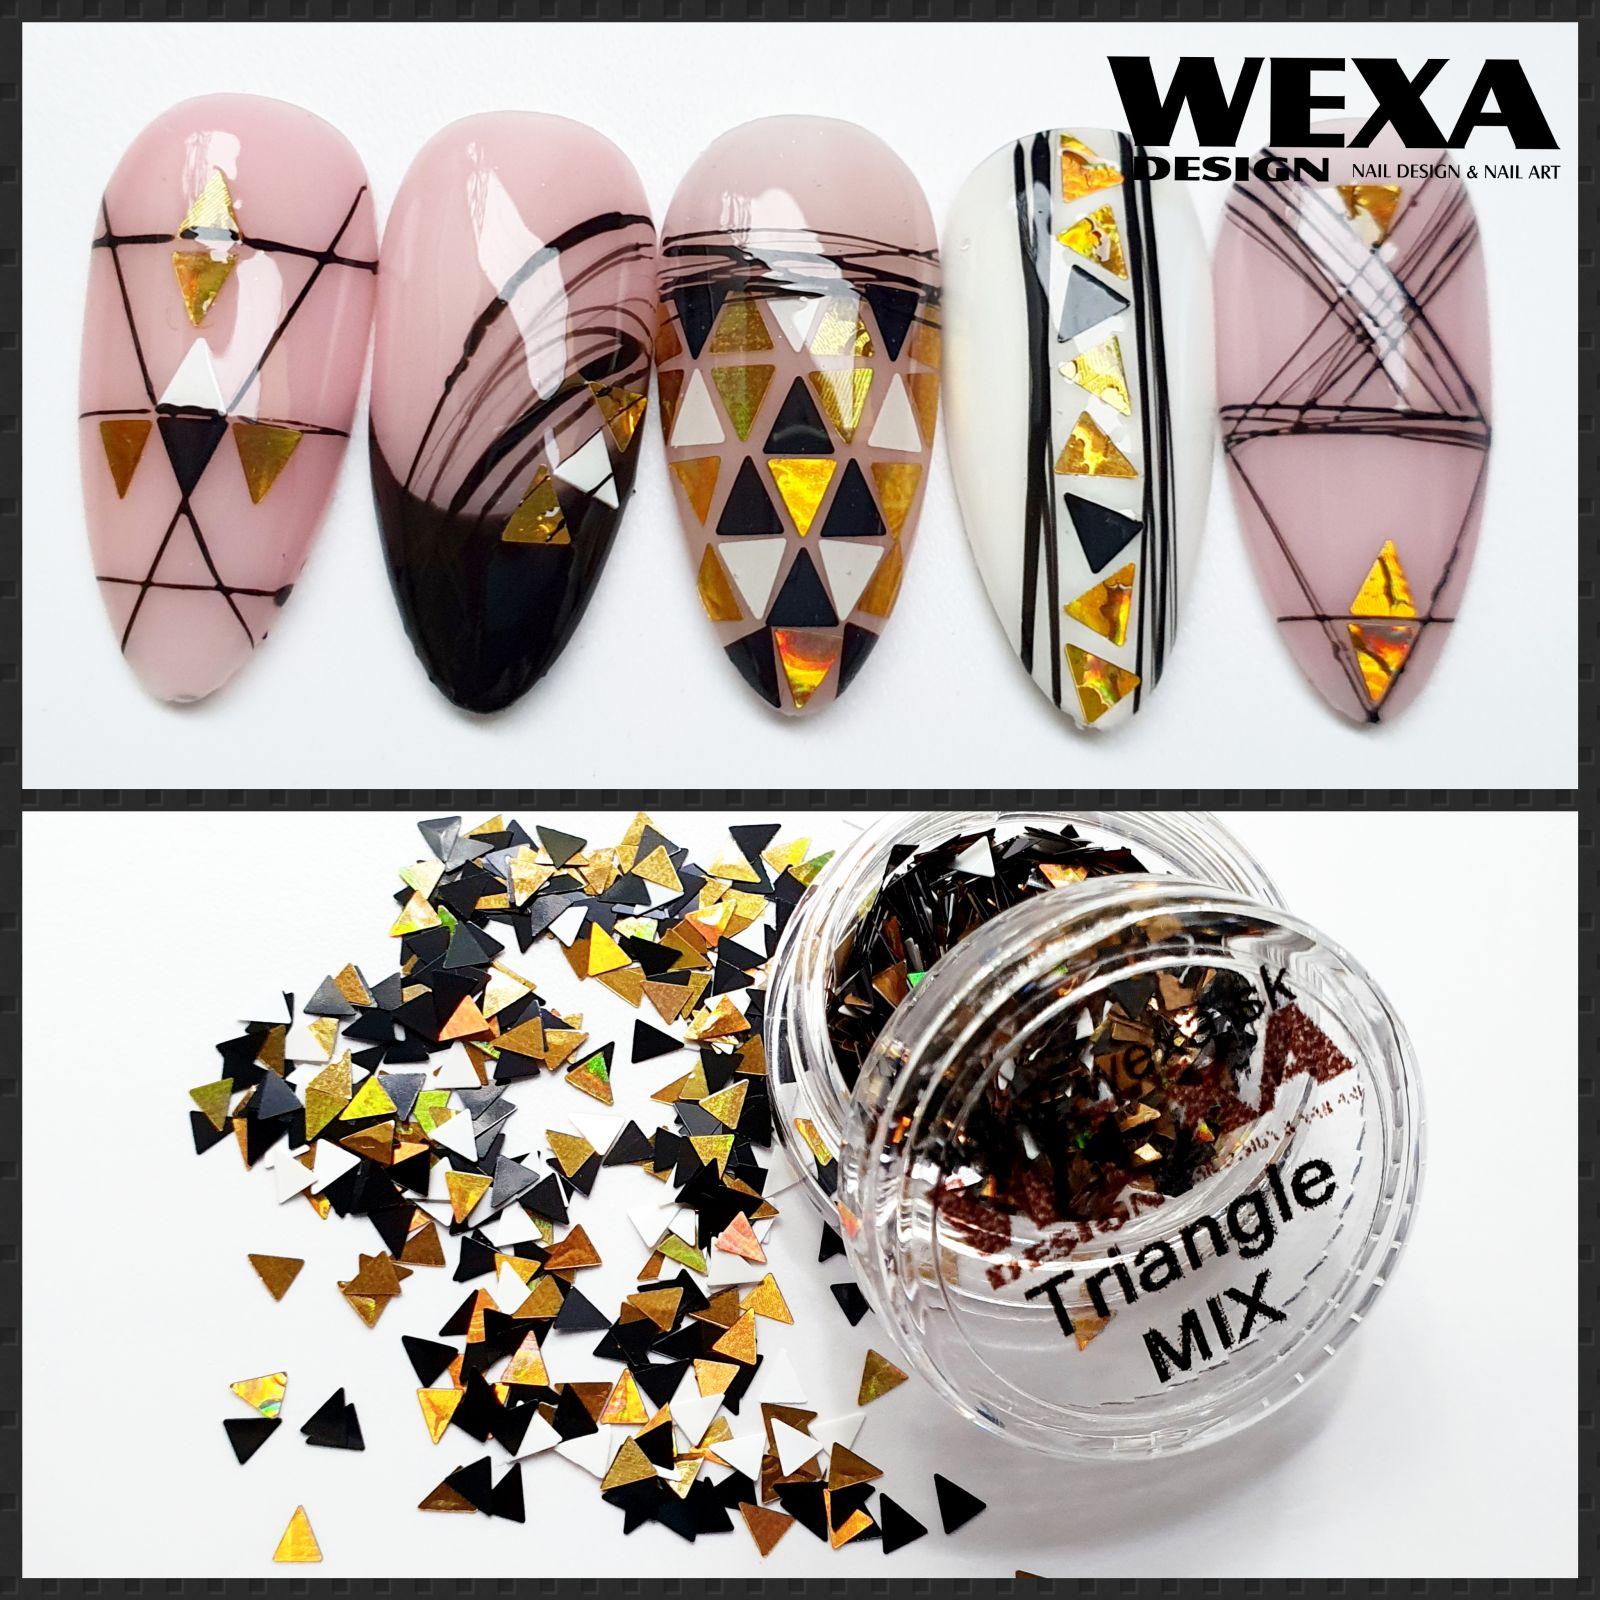 Konfety na zdobenie nechtov - TRIANGLE MIX